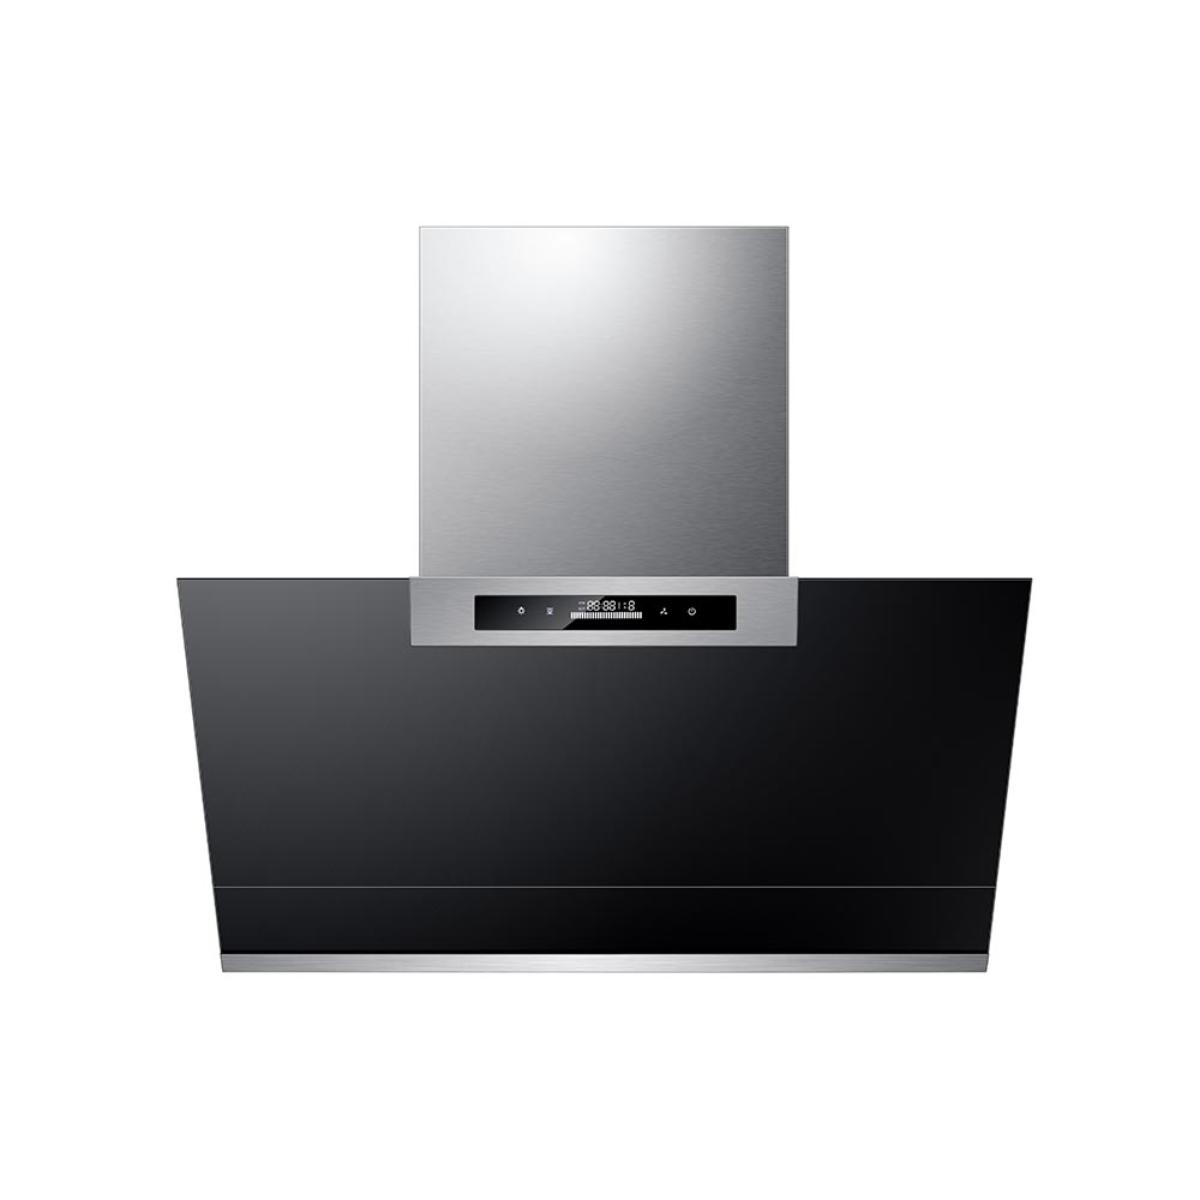 Haier/海尔             厨房电器             Haier/海尔 吸油烟机 CXW-200-C392